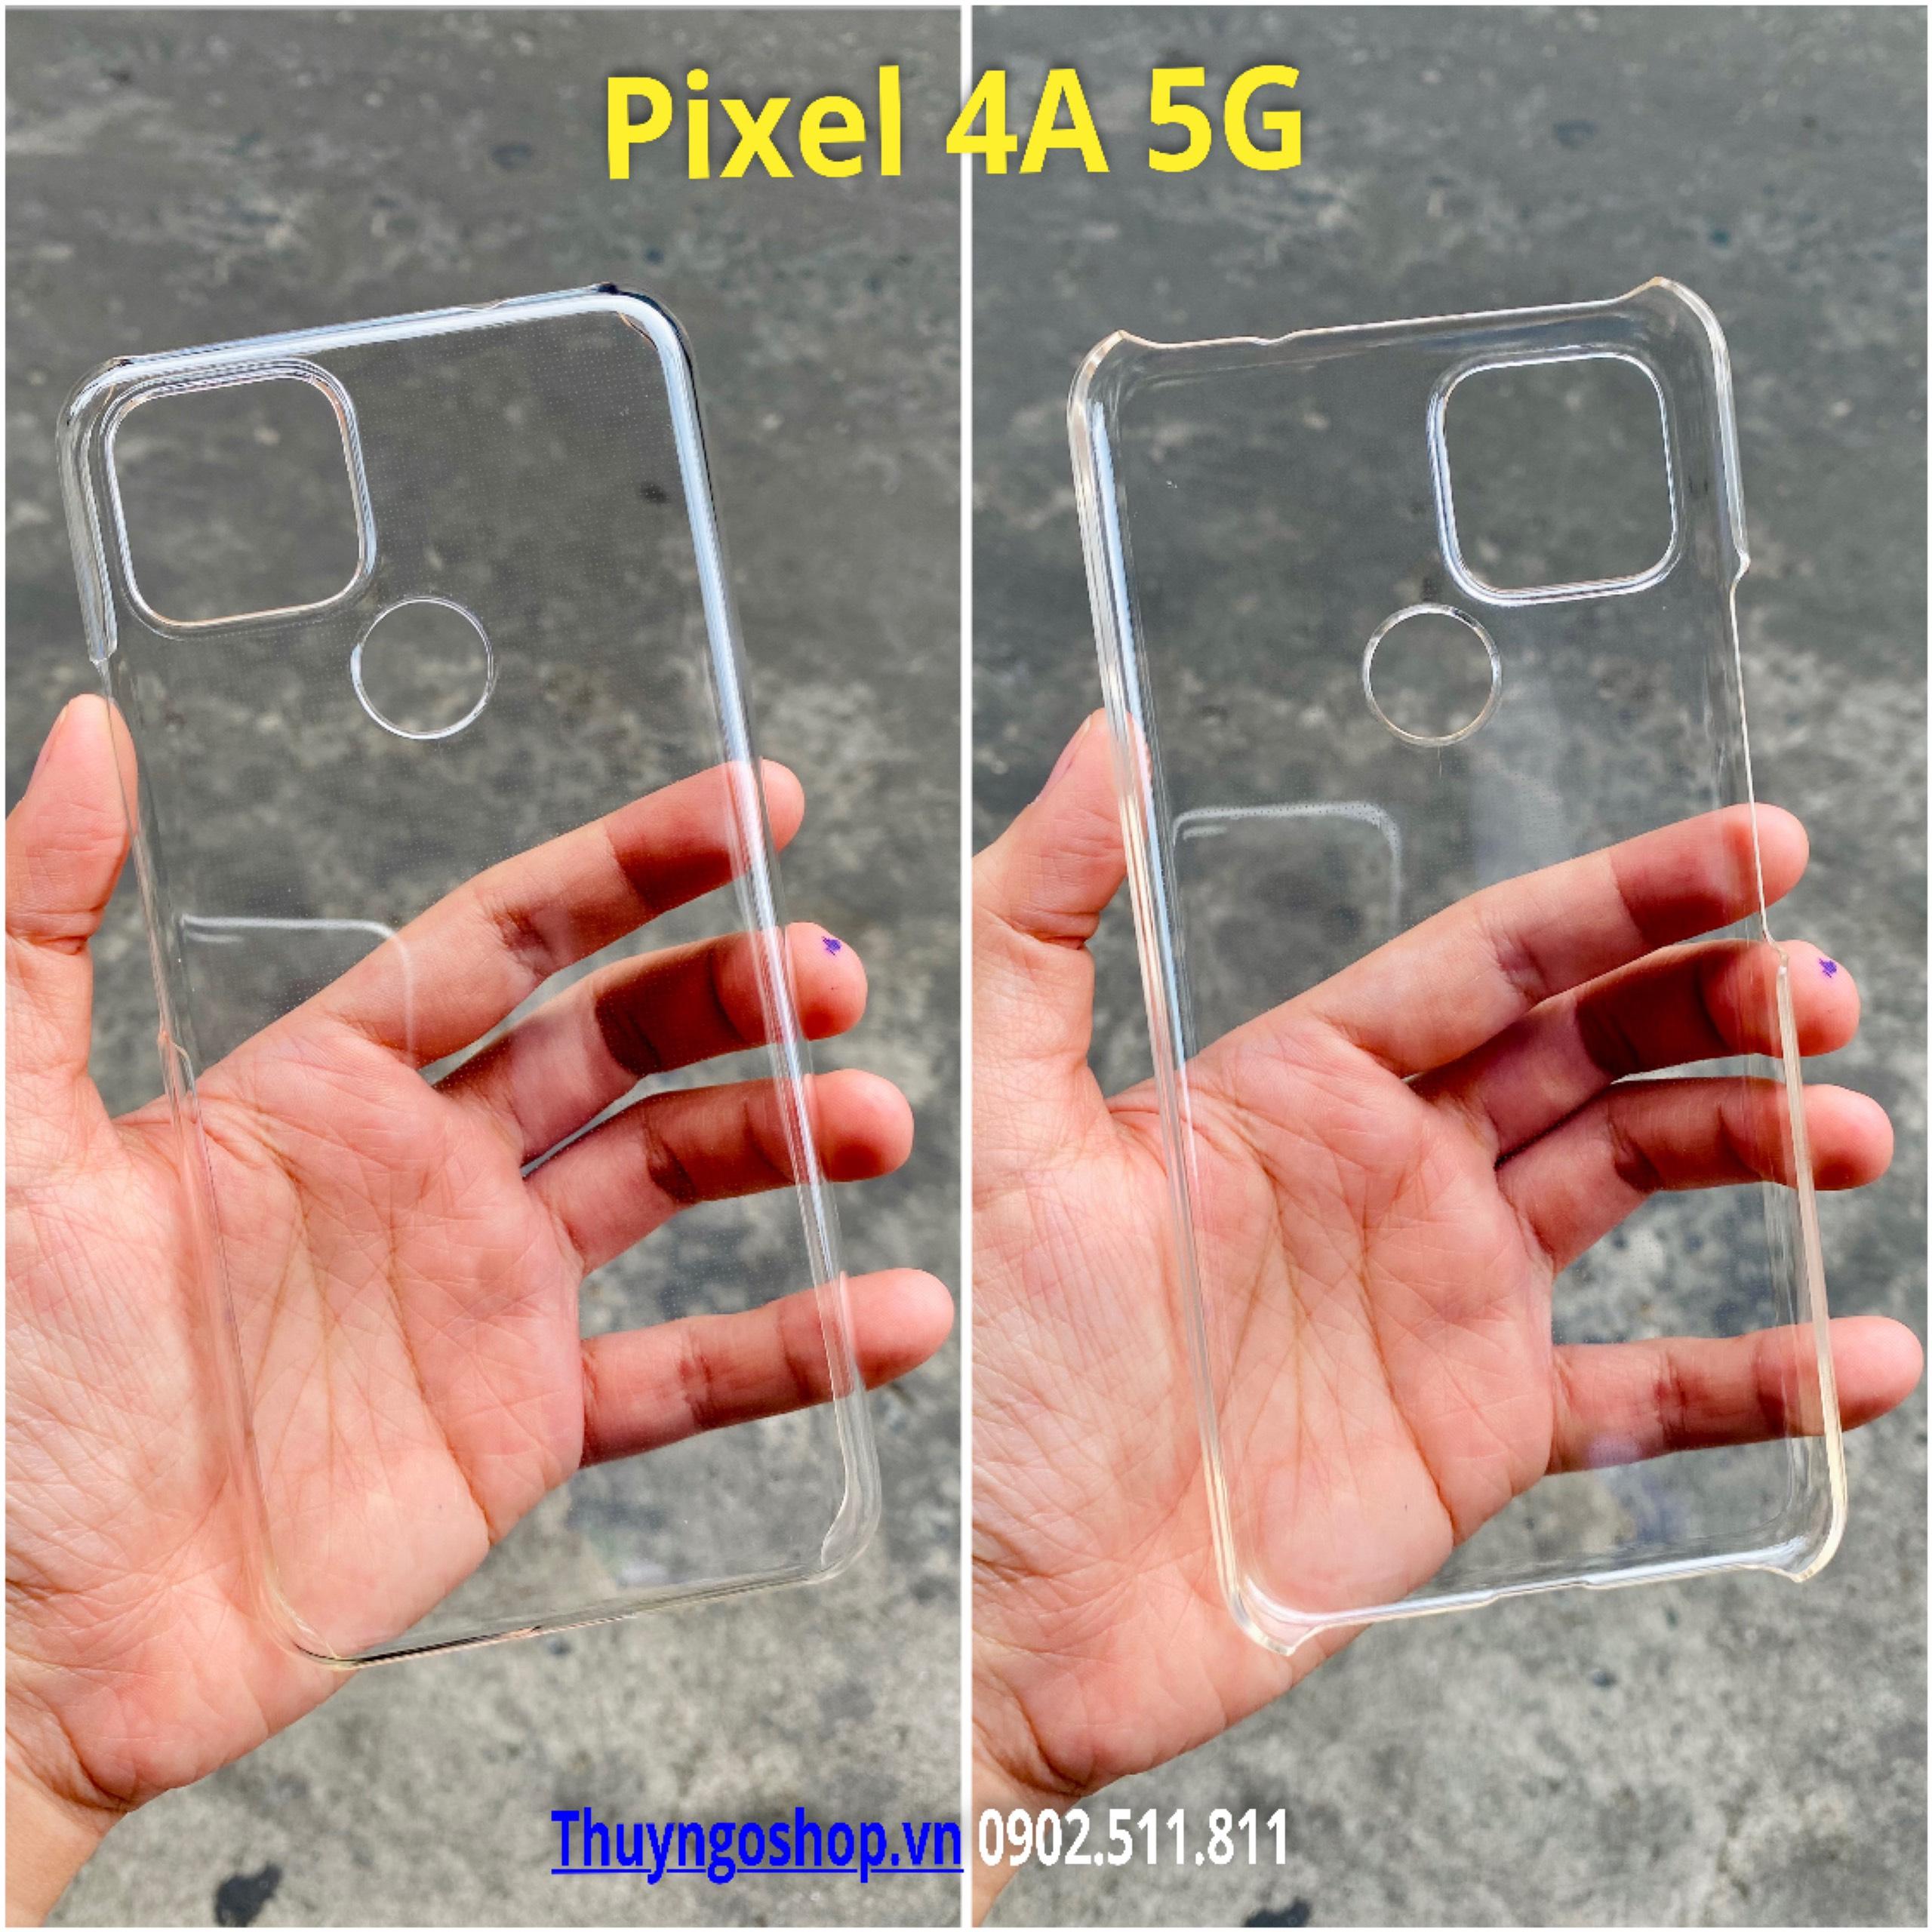 Ốp cứng siêu trong suốt Google Pixel 4A 5G